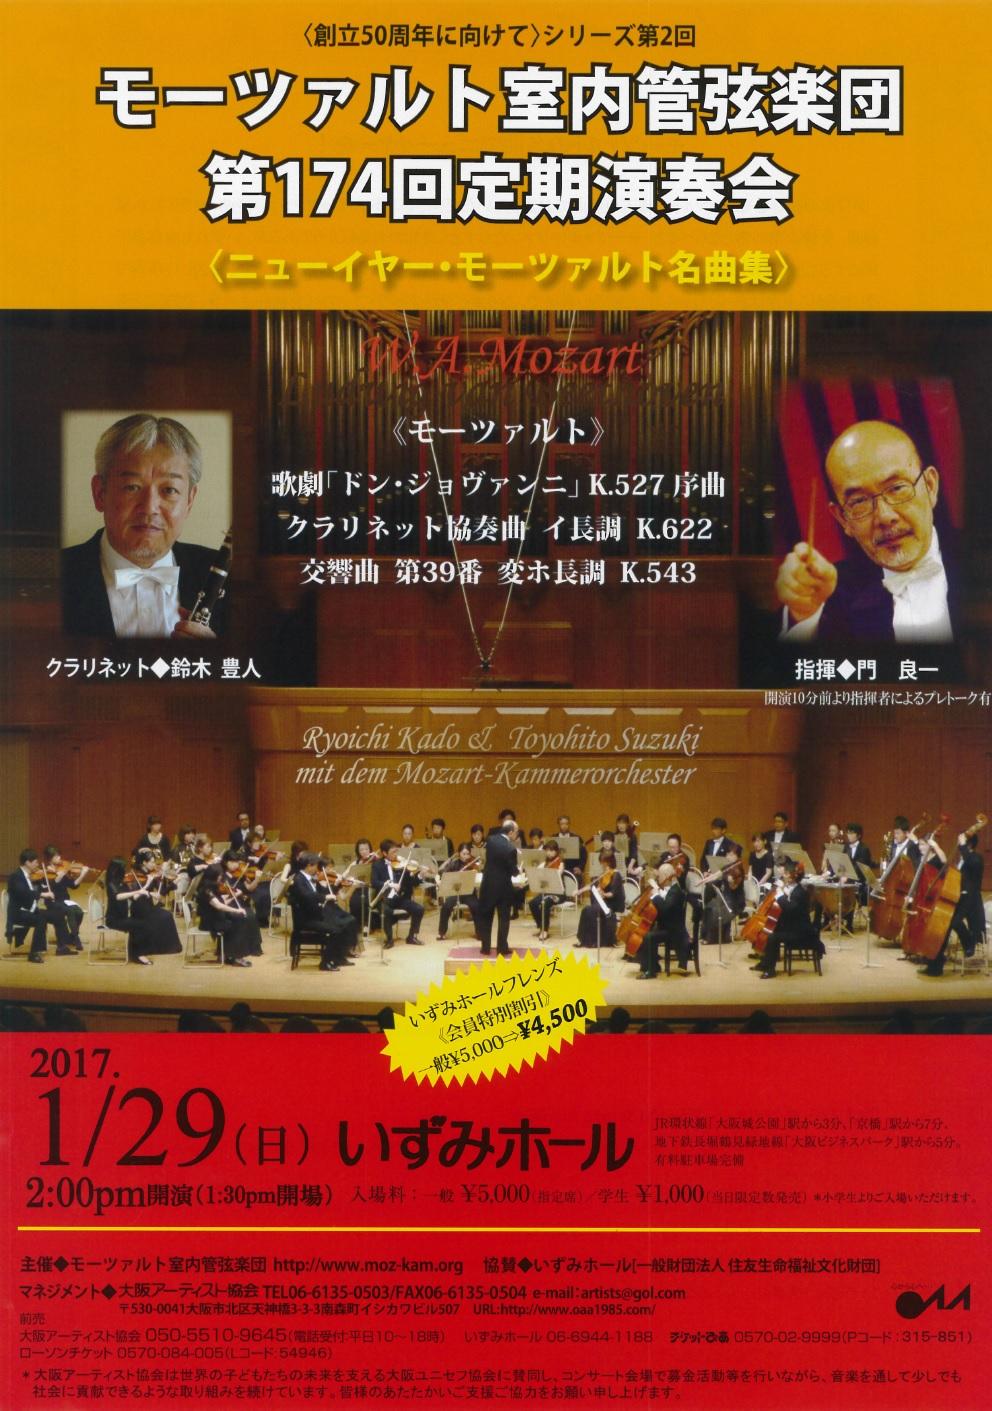 モーツァルト室内管弦楽団 (アンサンブル・ベガ 鈴木豊人)